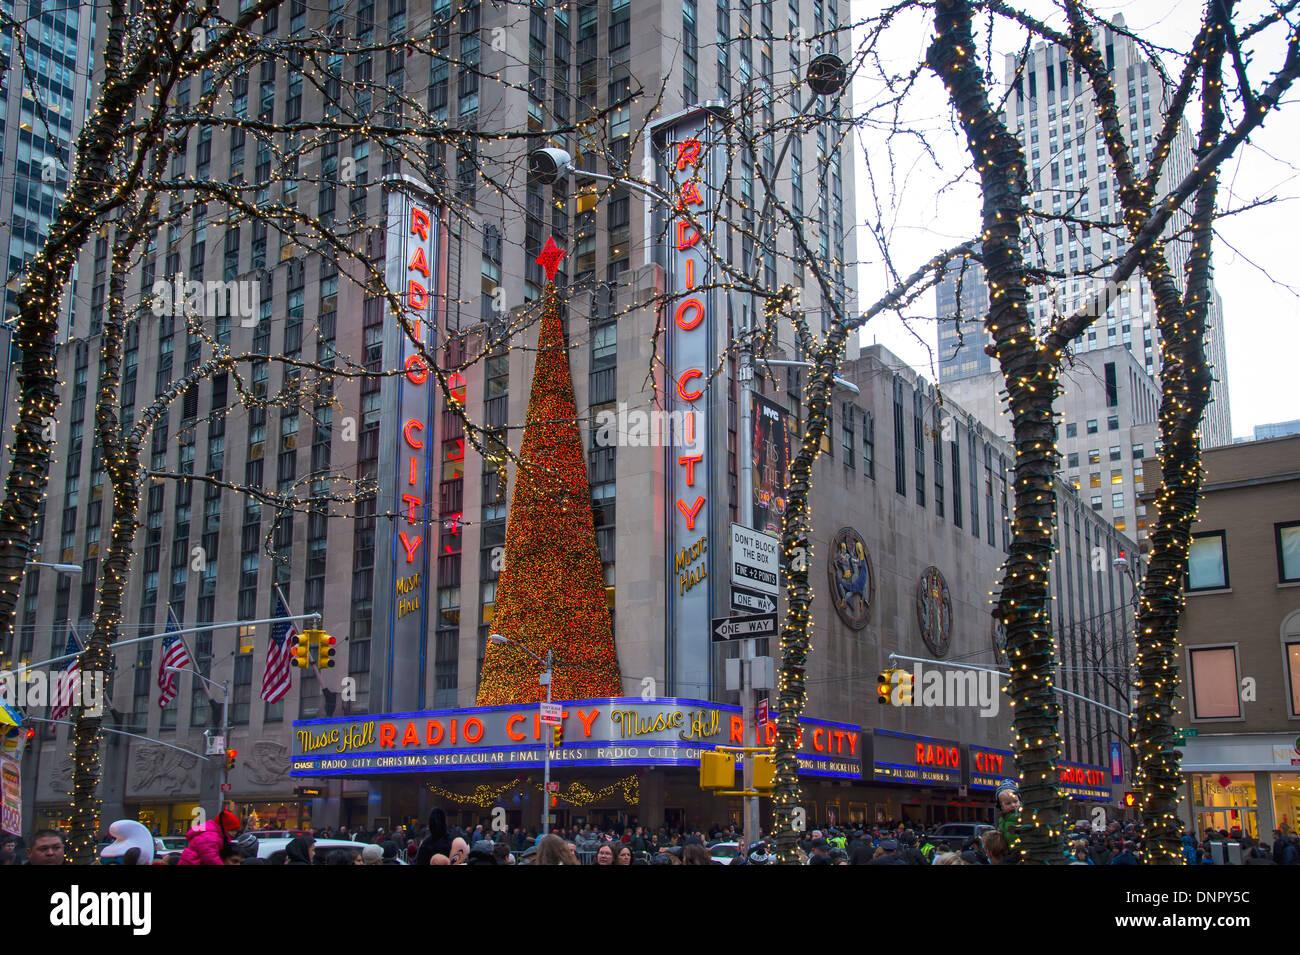 Radio City Music Hall, New York City, New York USA at Christmas Time - Stock Image